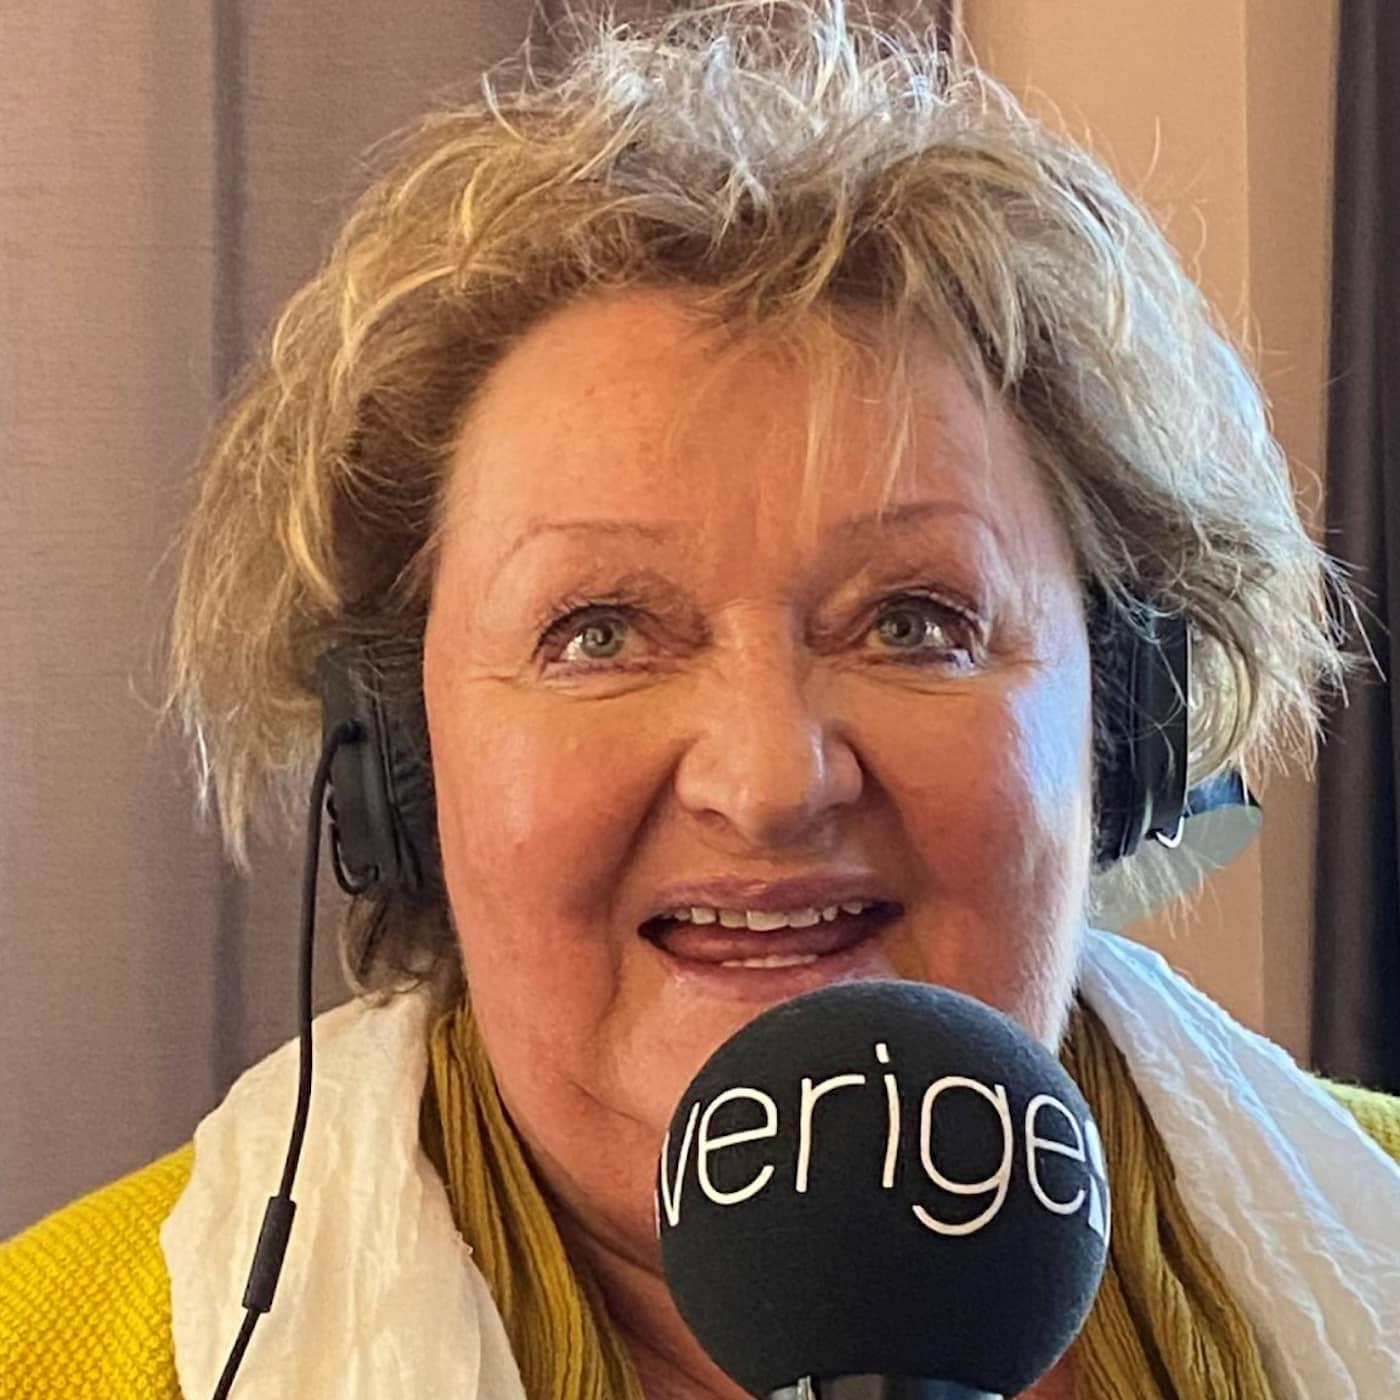 Marianne Mörck om när hon var naken tillsammans med Peter Jöback